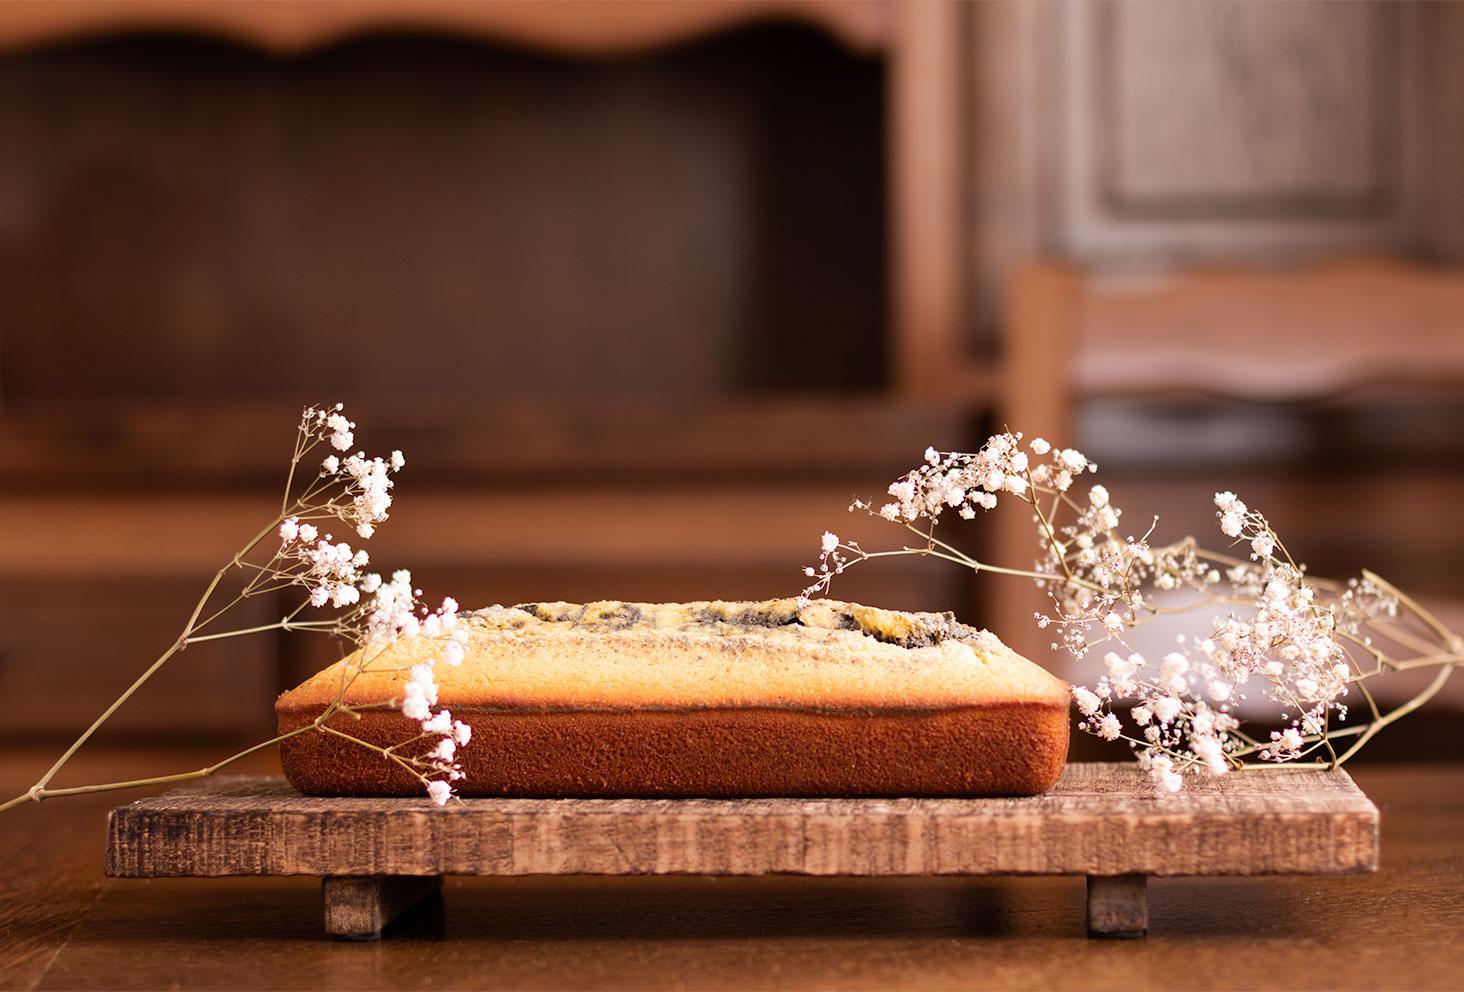 Cake marbré à l'orange et à la crème de sésame noir posé sur une planche en bois, sur une table en bois, devant un meuble en bois, au milieu de gypsophiles sèches